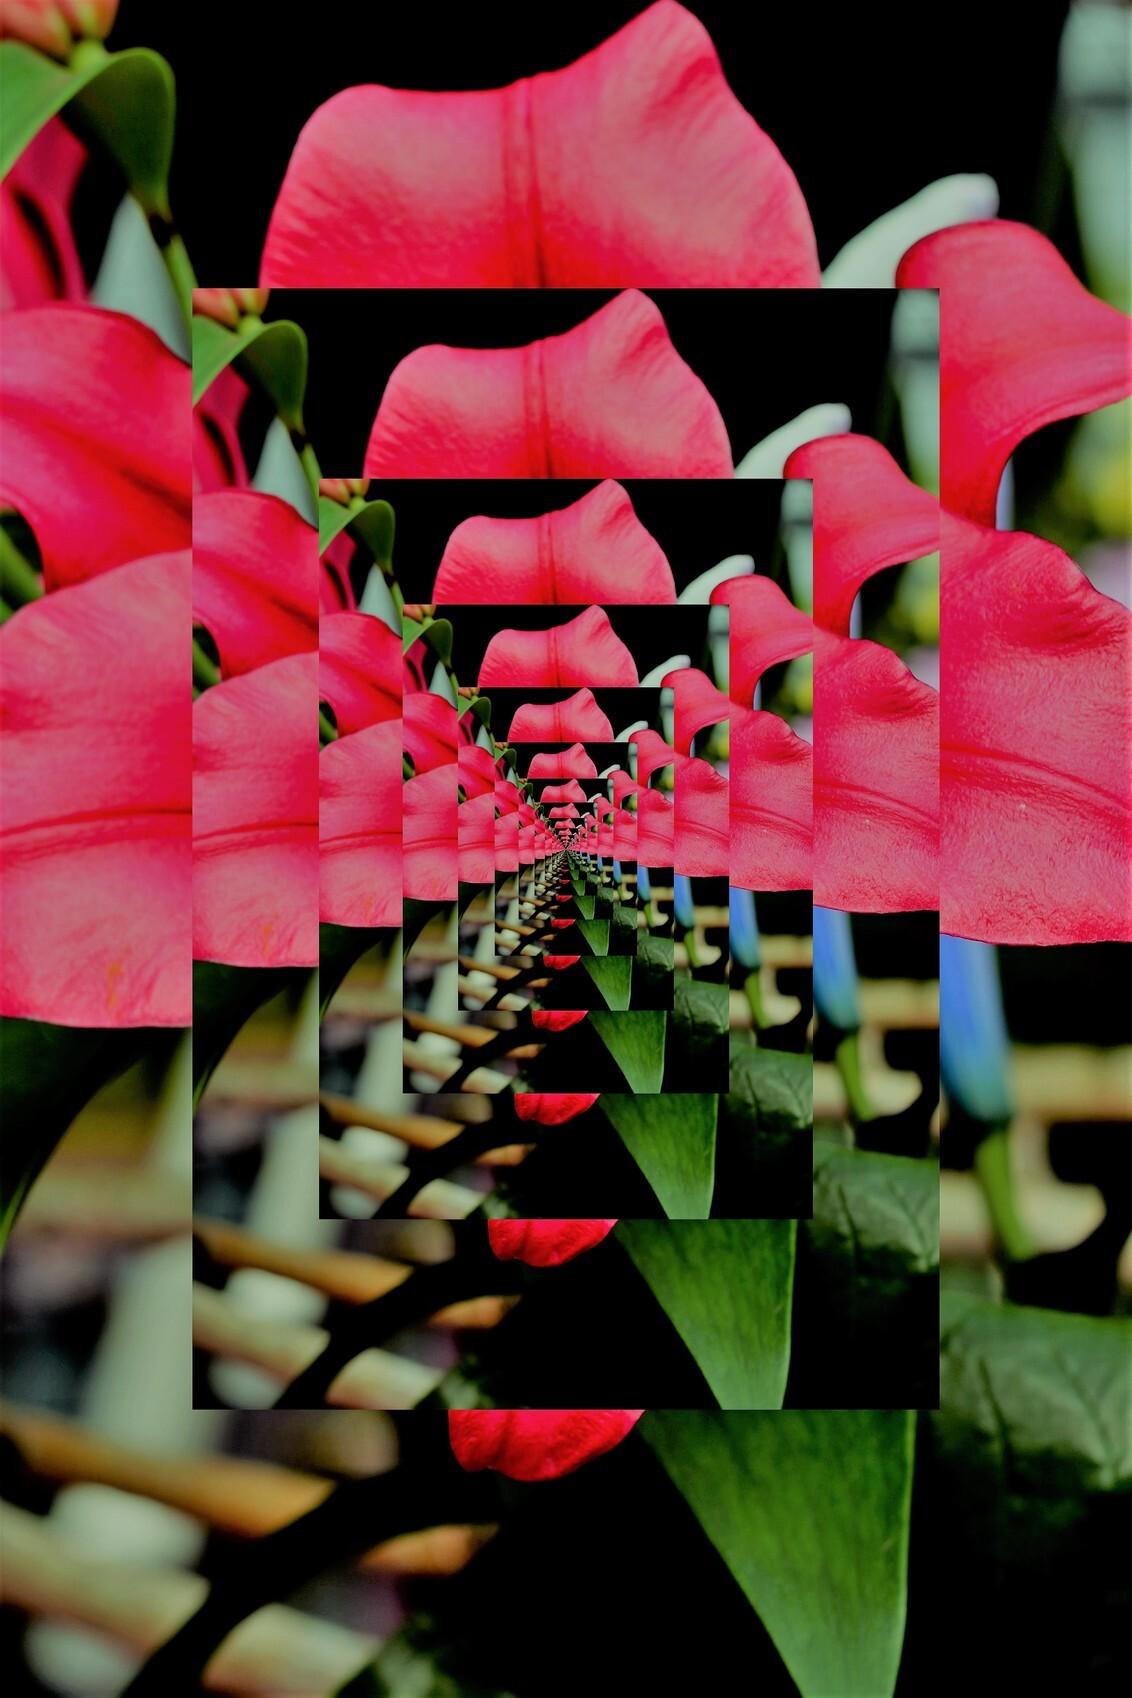 035 - dit is een bloem gewest dat heb ik in d 3 gemakt als kunst - foto door ltomey op 07-01-2021